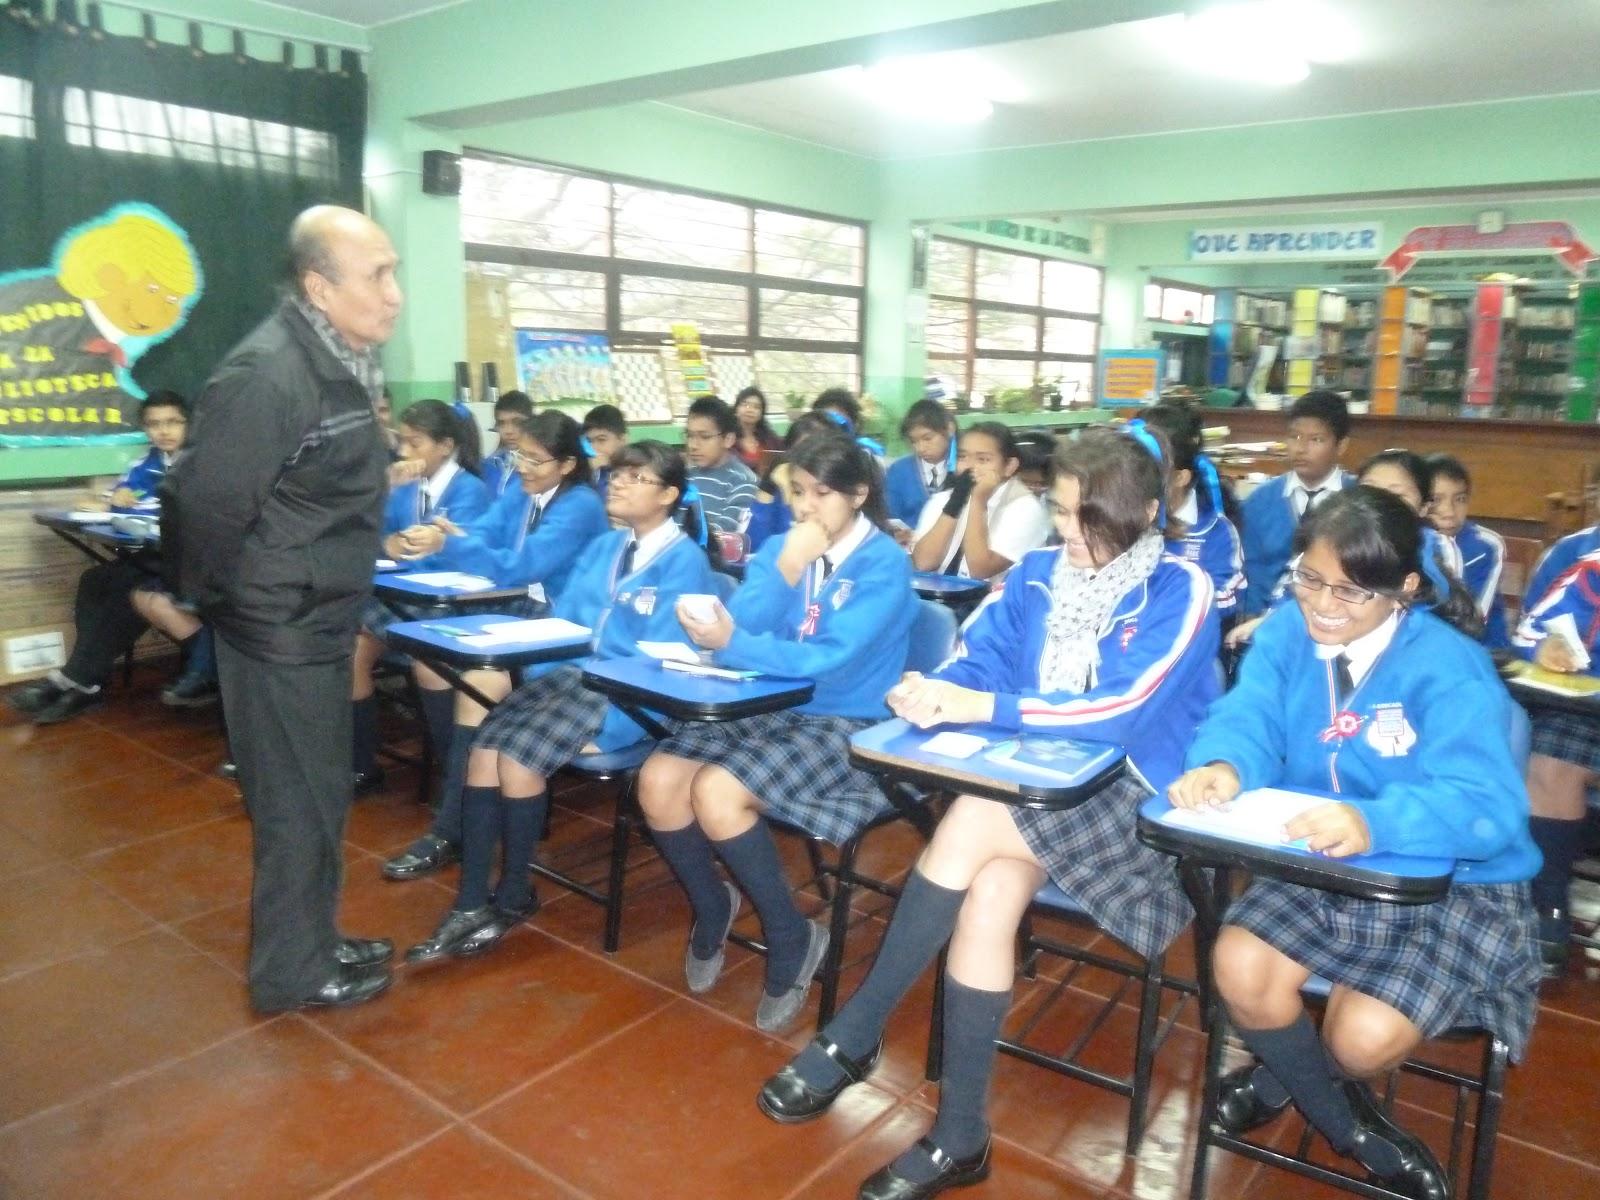 Humberto Pinedo Mendoza: julio 2012